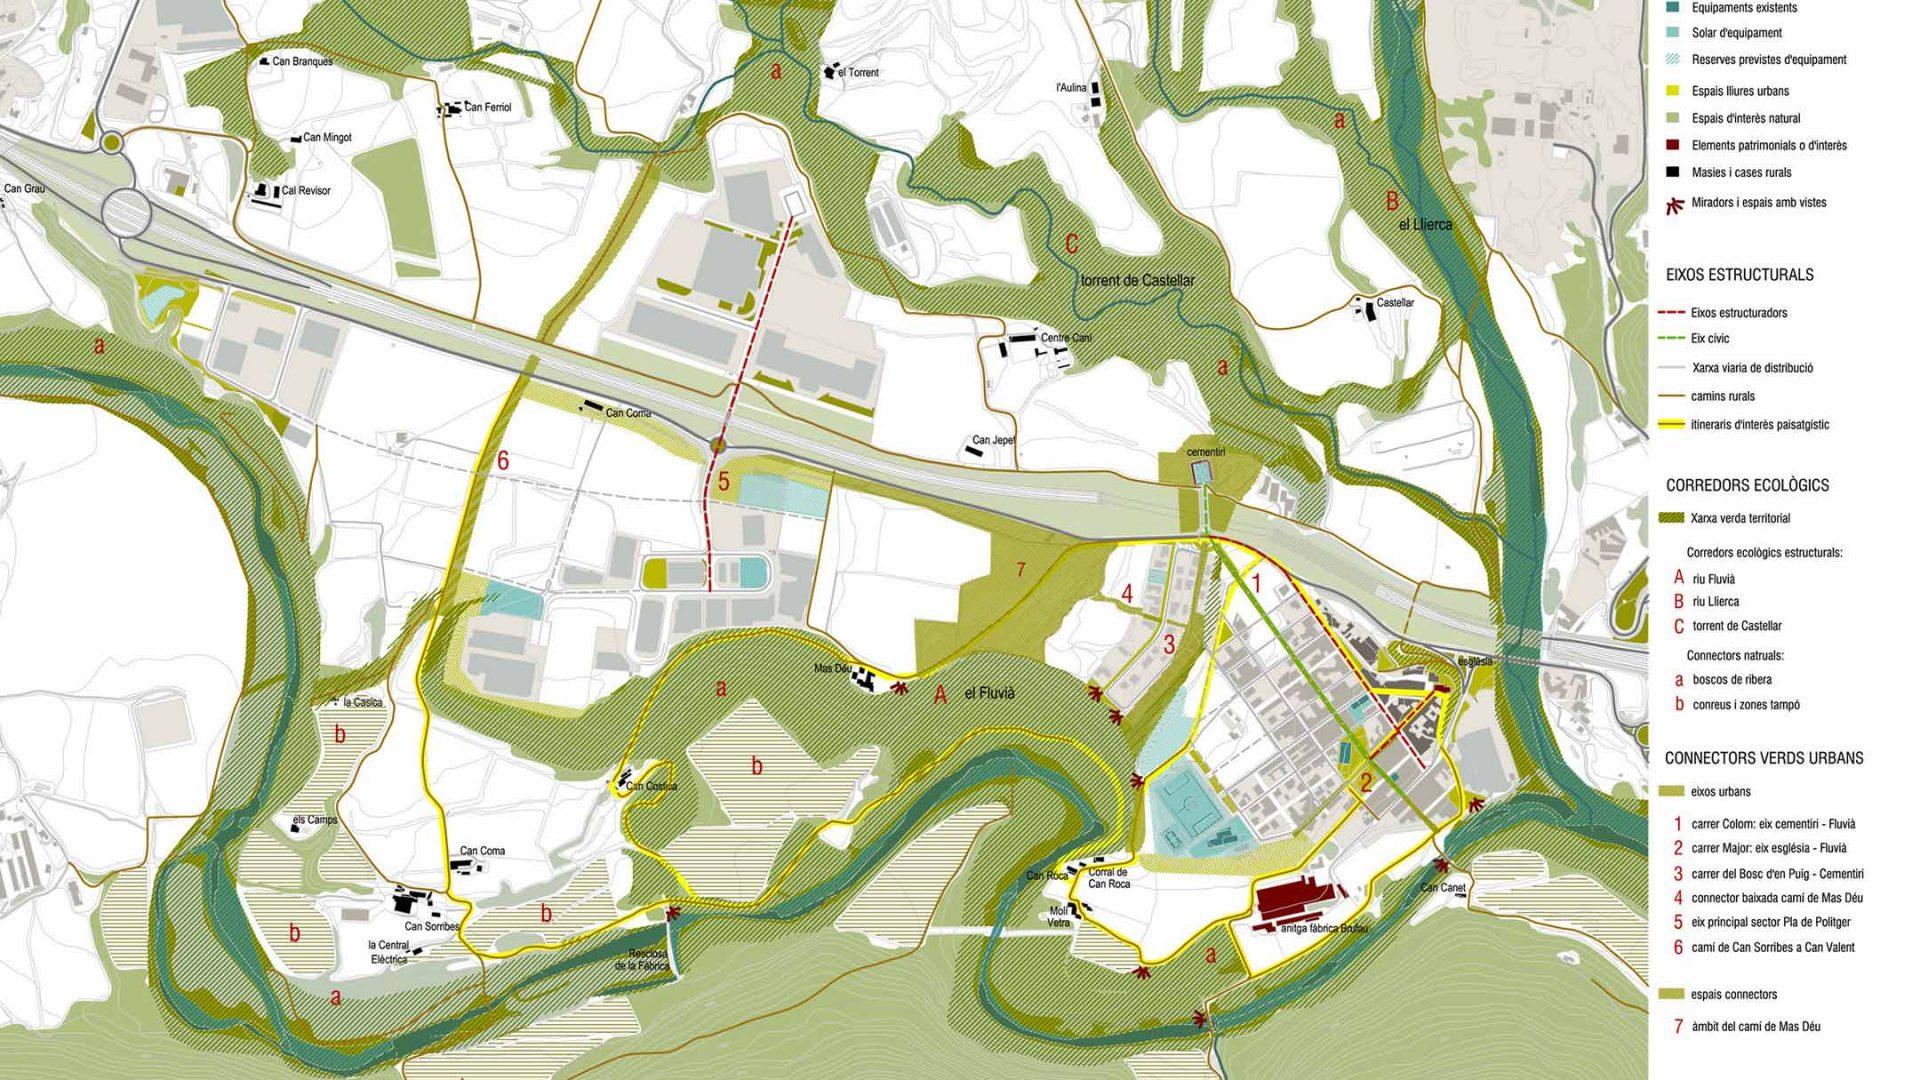 La xarxa d'espais verds